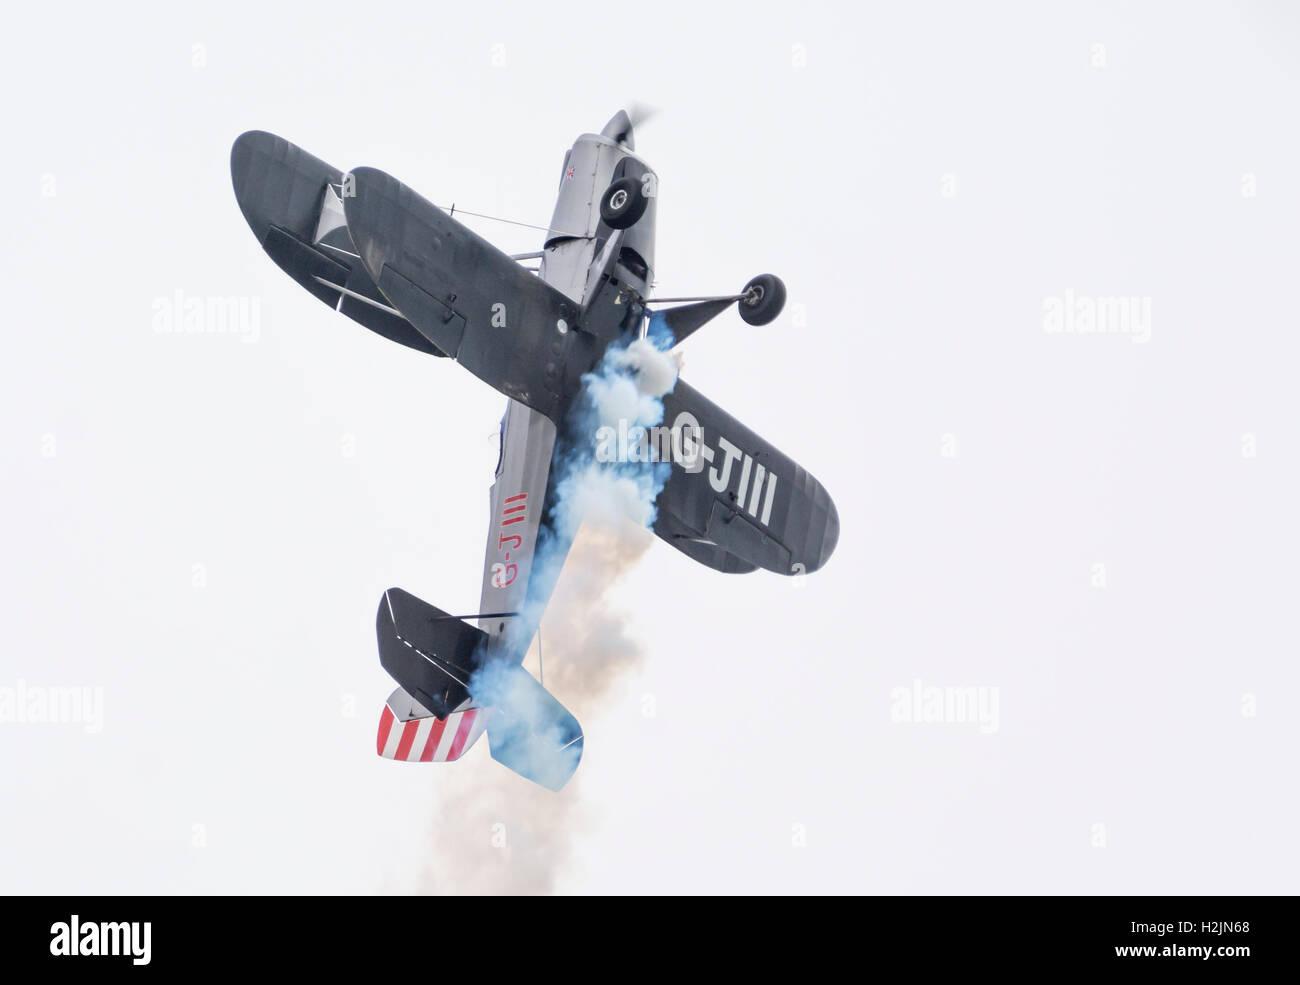 Arrampicata biplano con fumo proveniente da esso. Aeromobile è G-J111 monoposto a singola elica biplano. Immagini Stock